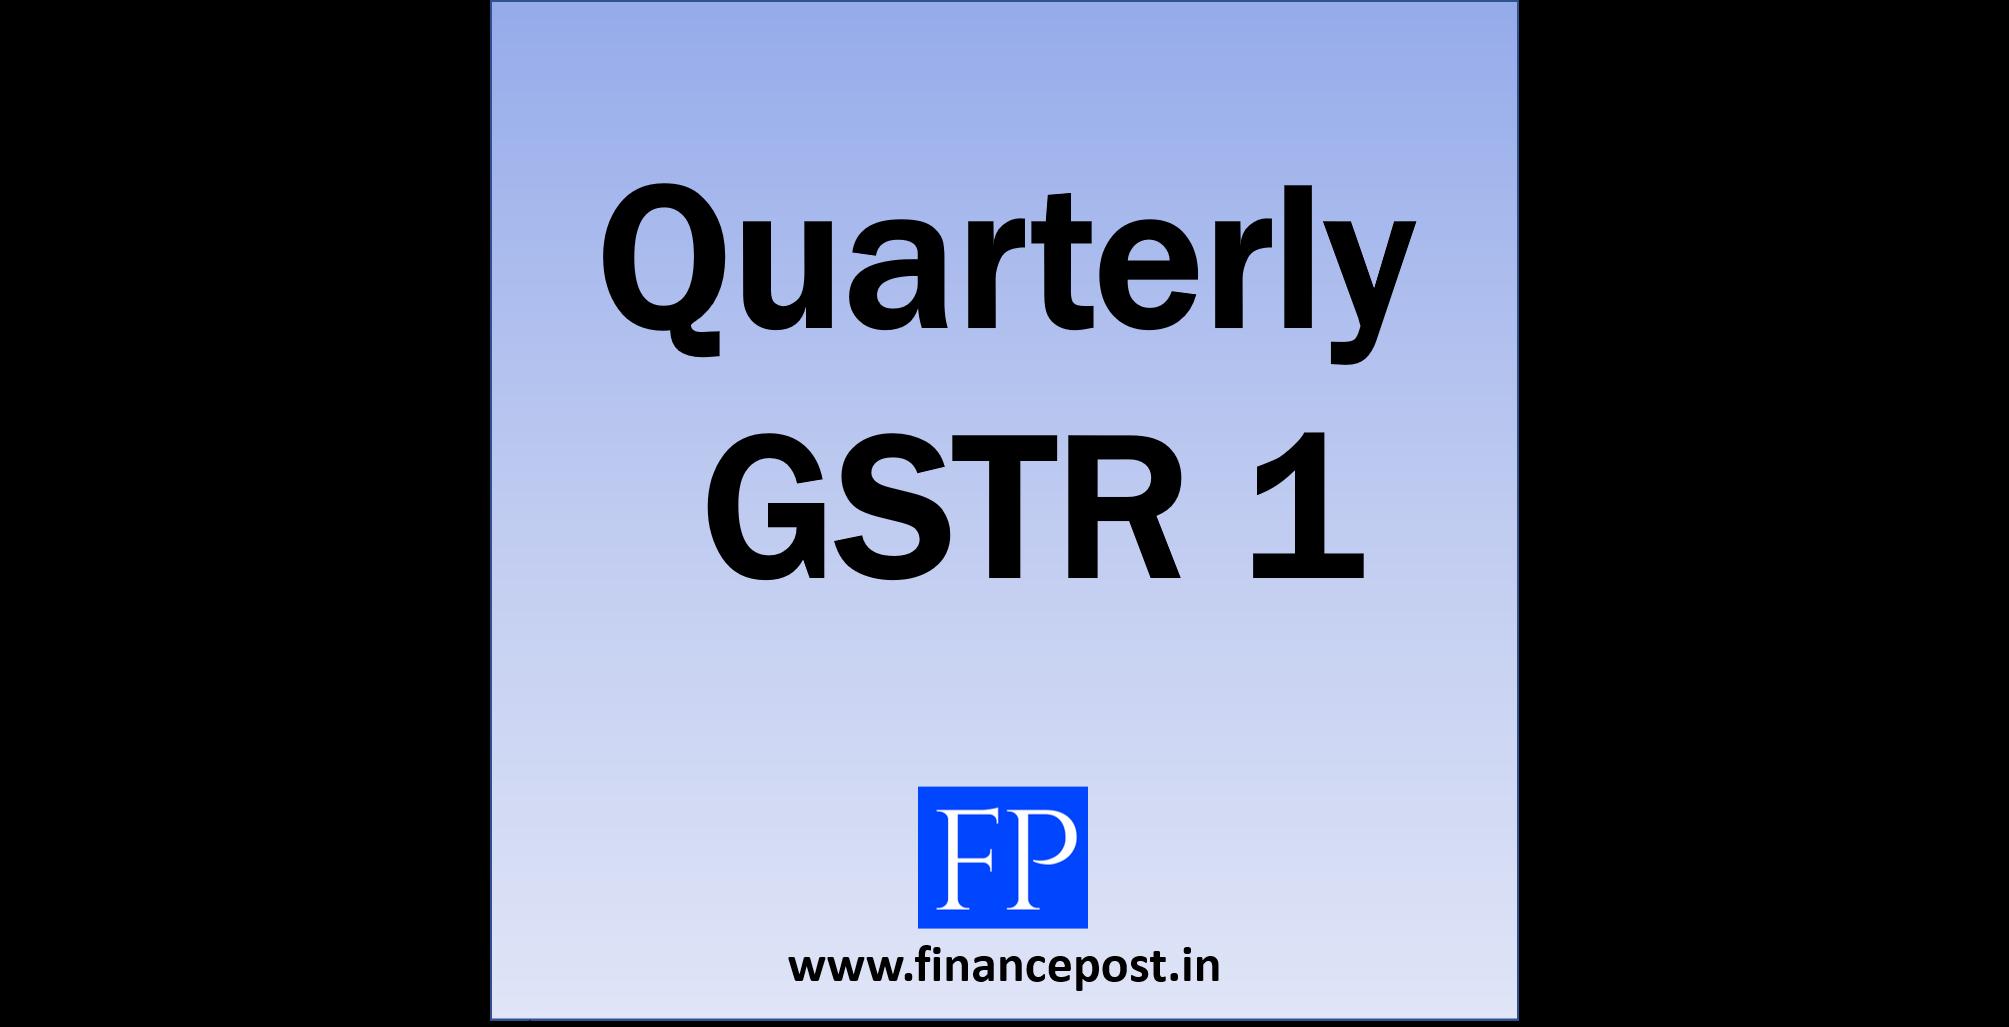 quarterly gstr 1